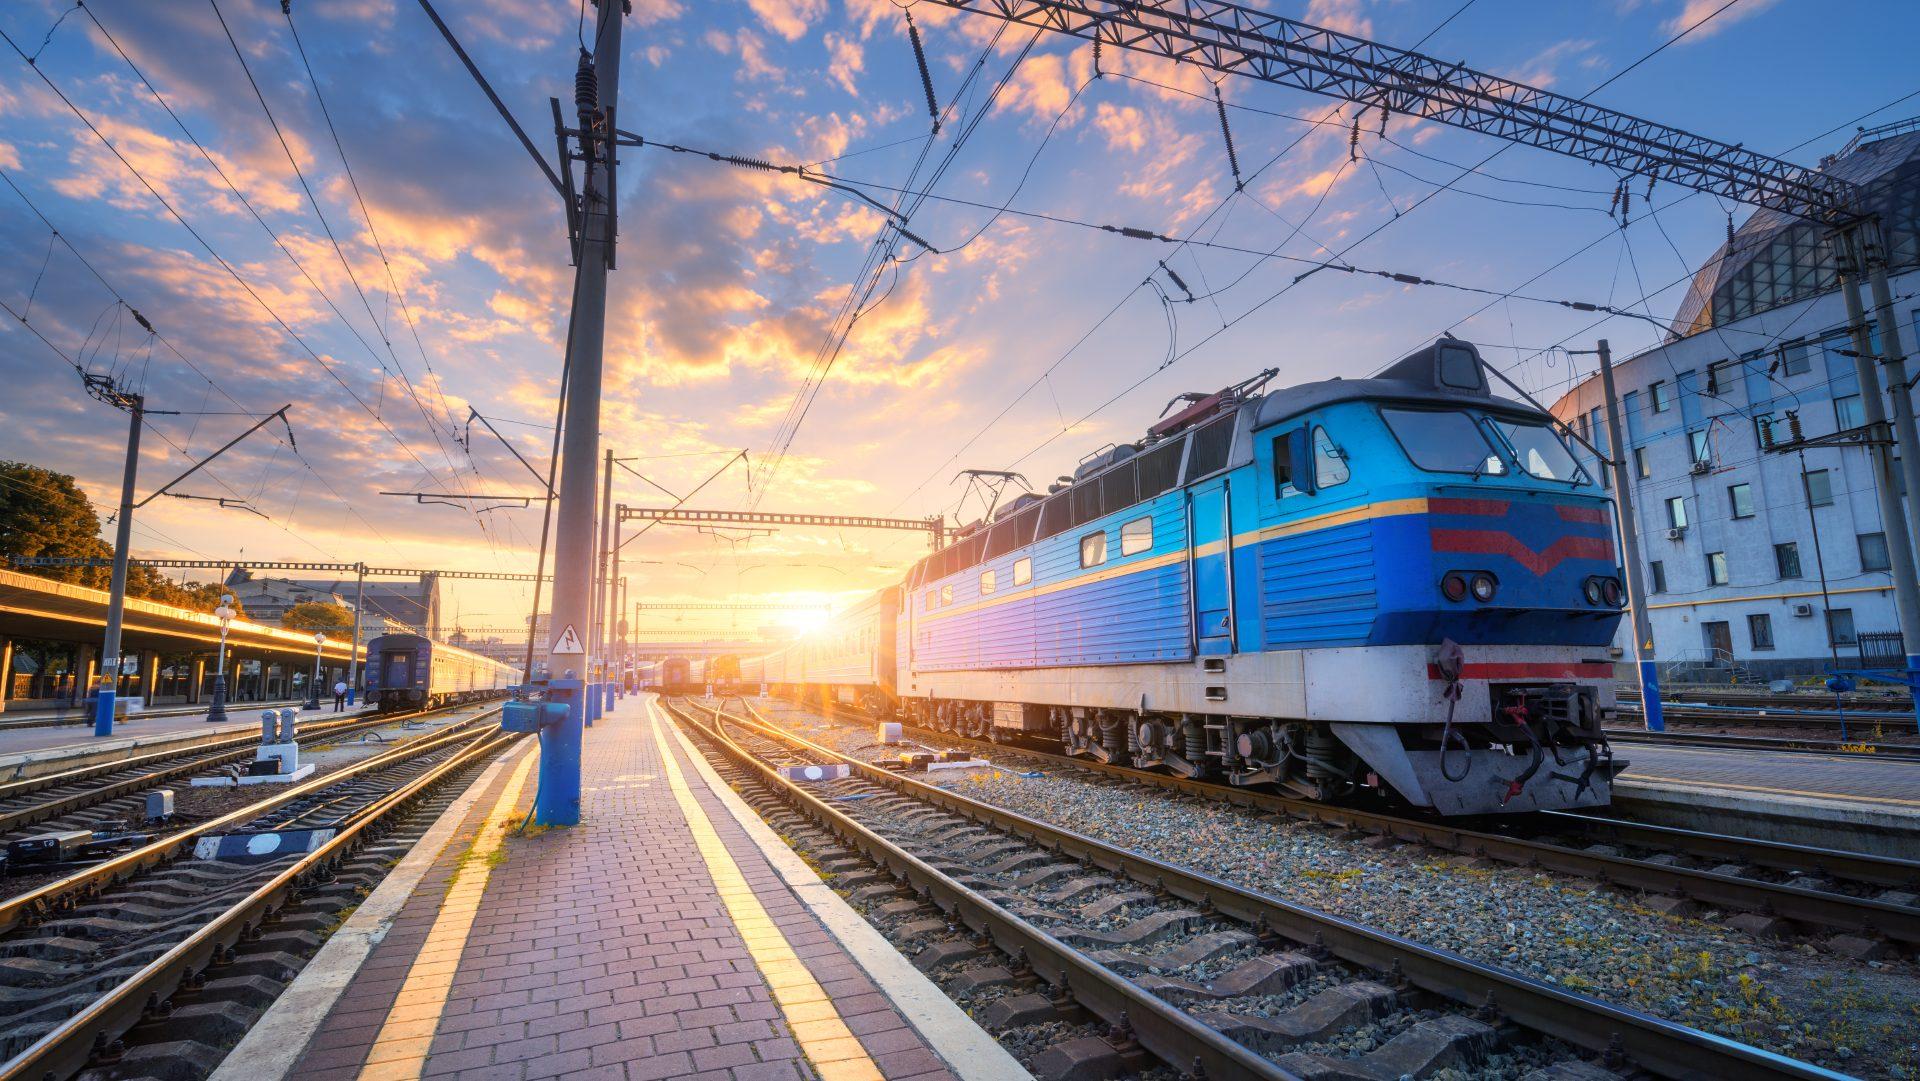 «Укрзалізниця» закрывает продажу билетов на некоторых станциях в Ивано-Франковске, Тернополе, Хмельницком и Дубно «фото»